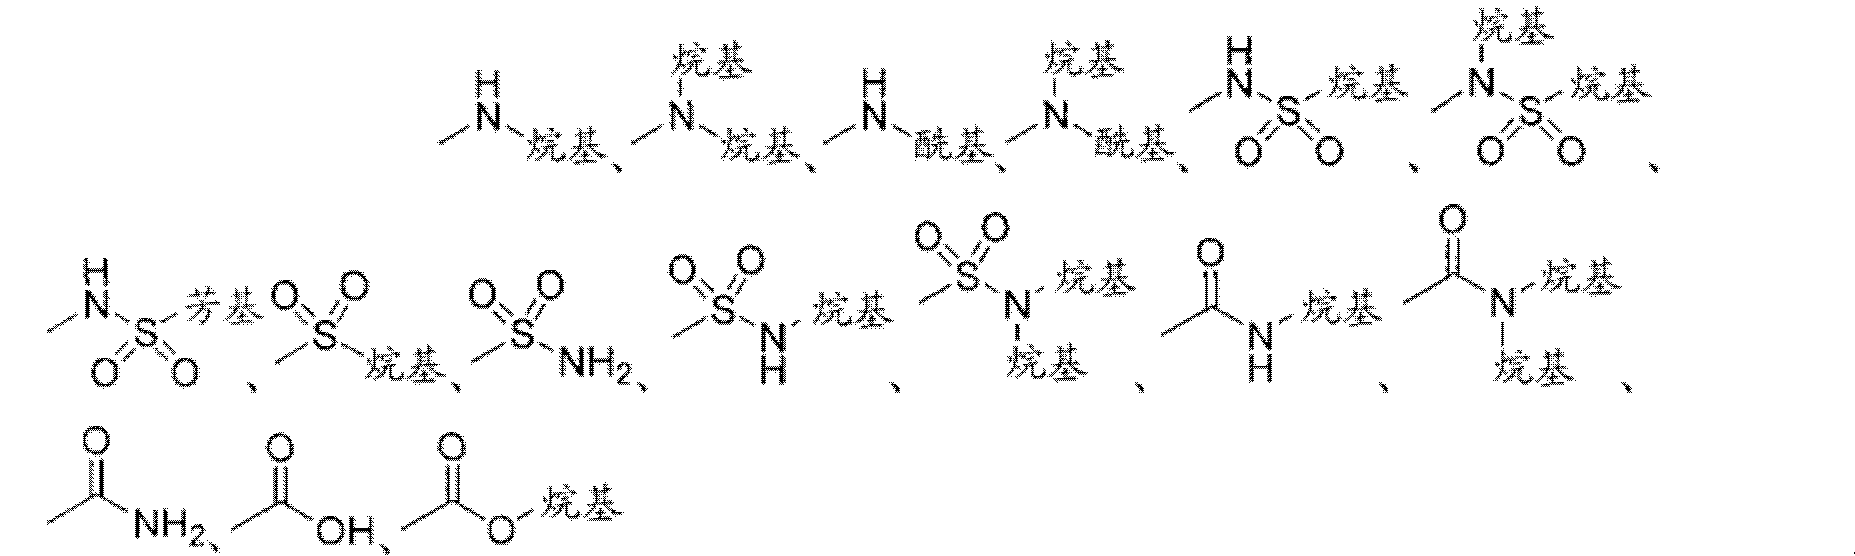 Figure CN102448458BD00052